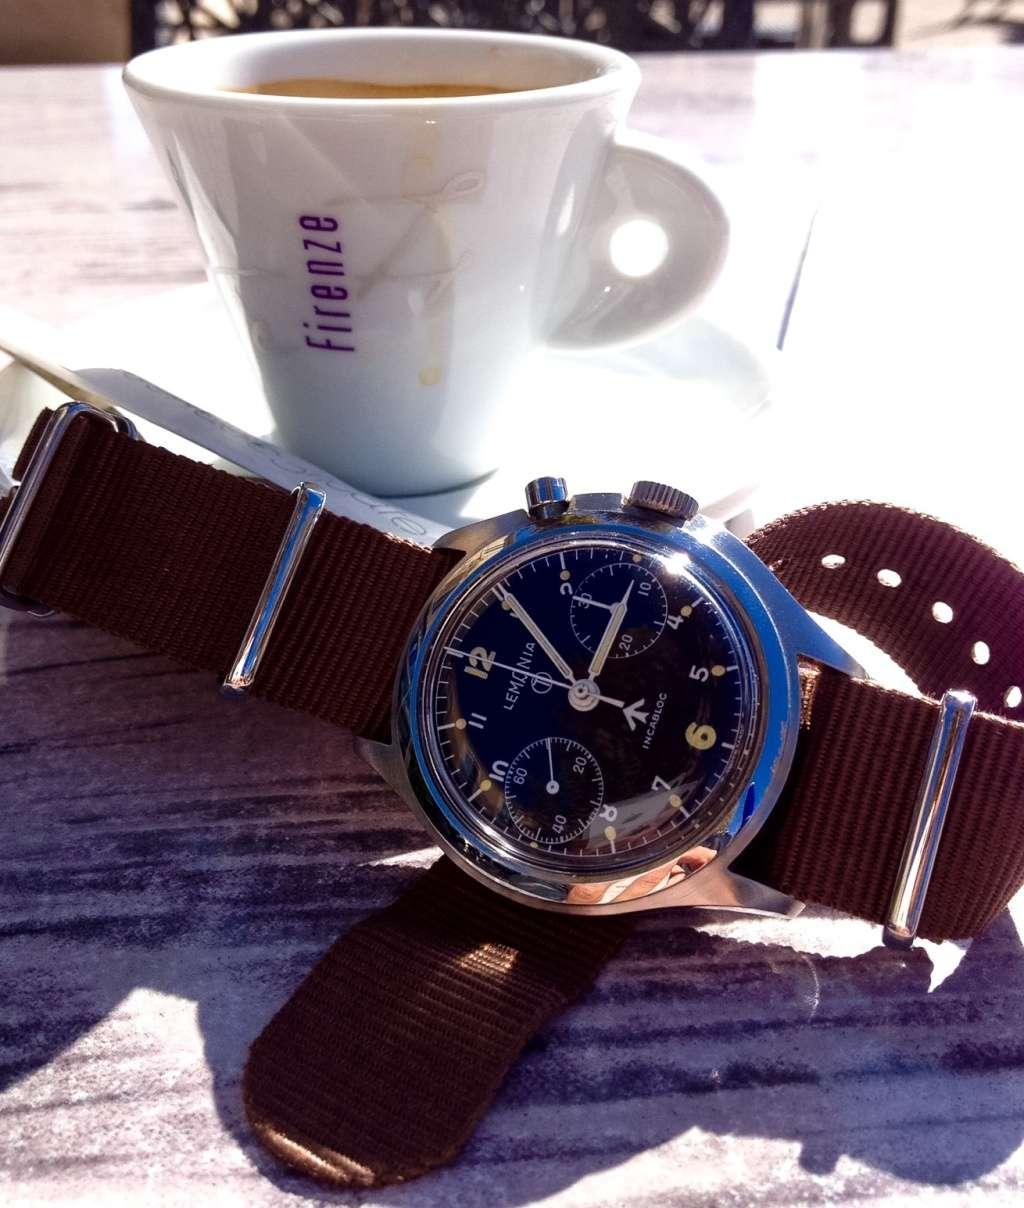 Pause café et montre (toutes marques) - tome III - Page 2 Image121